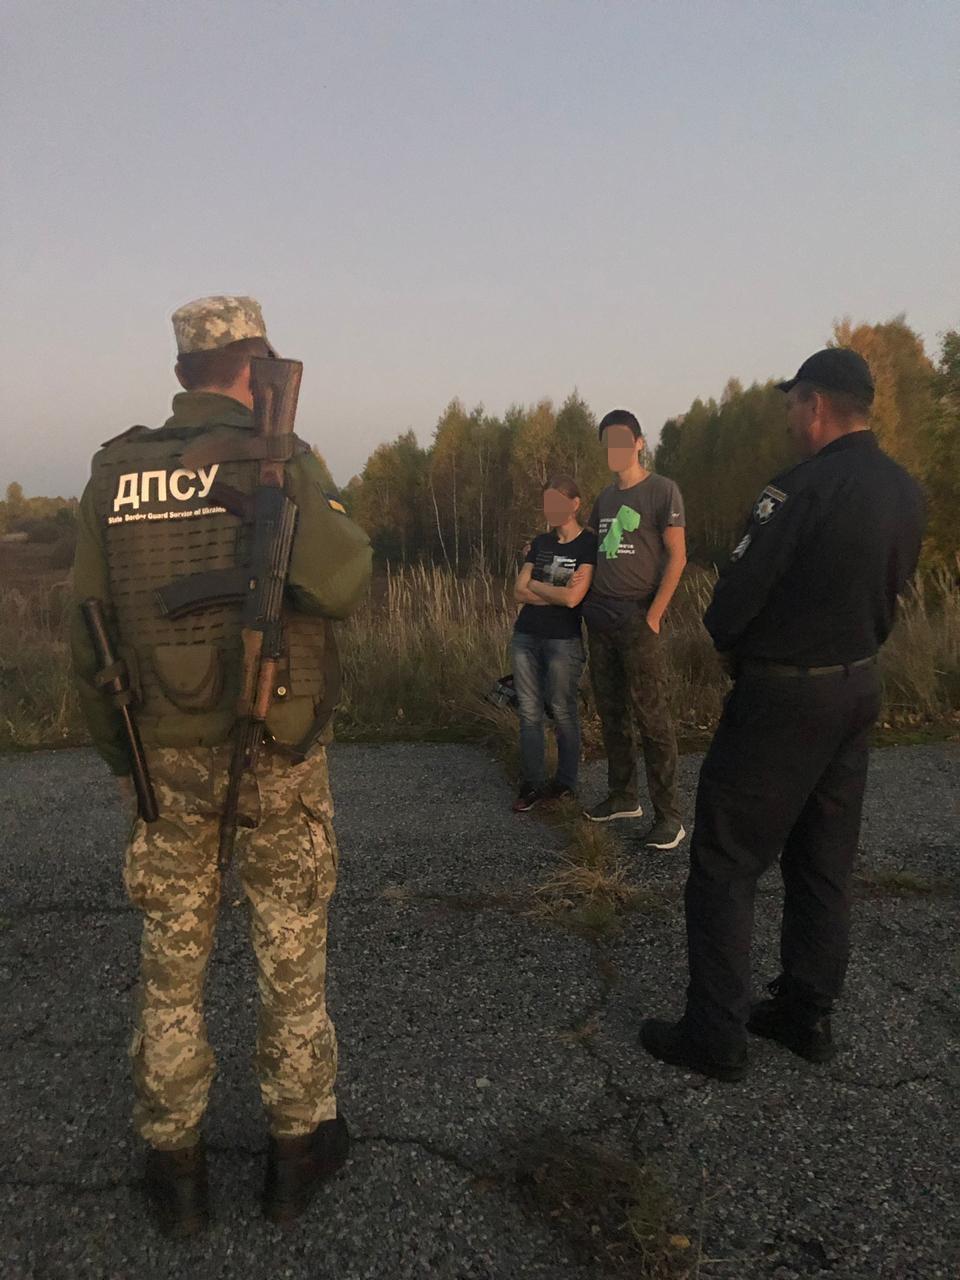 Две женщины и мужчина пробирались в чернобыльскую зону / фото Госпогранслужбы